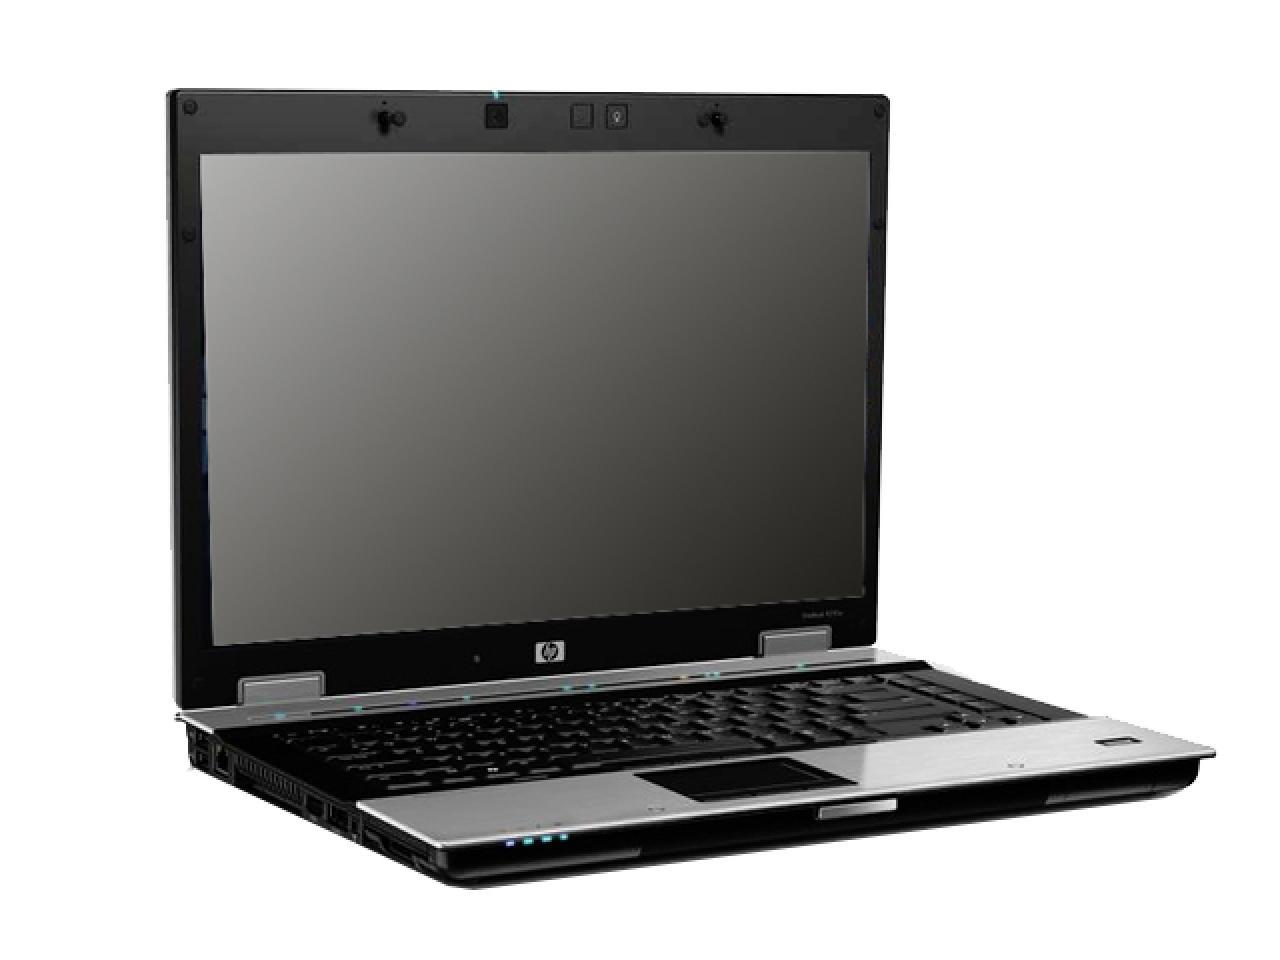 Hewlett Packard EliteBook 6930p  - shop.bb-net.de